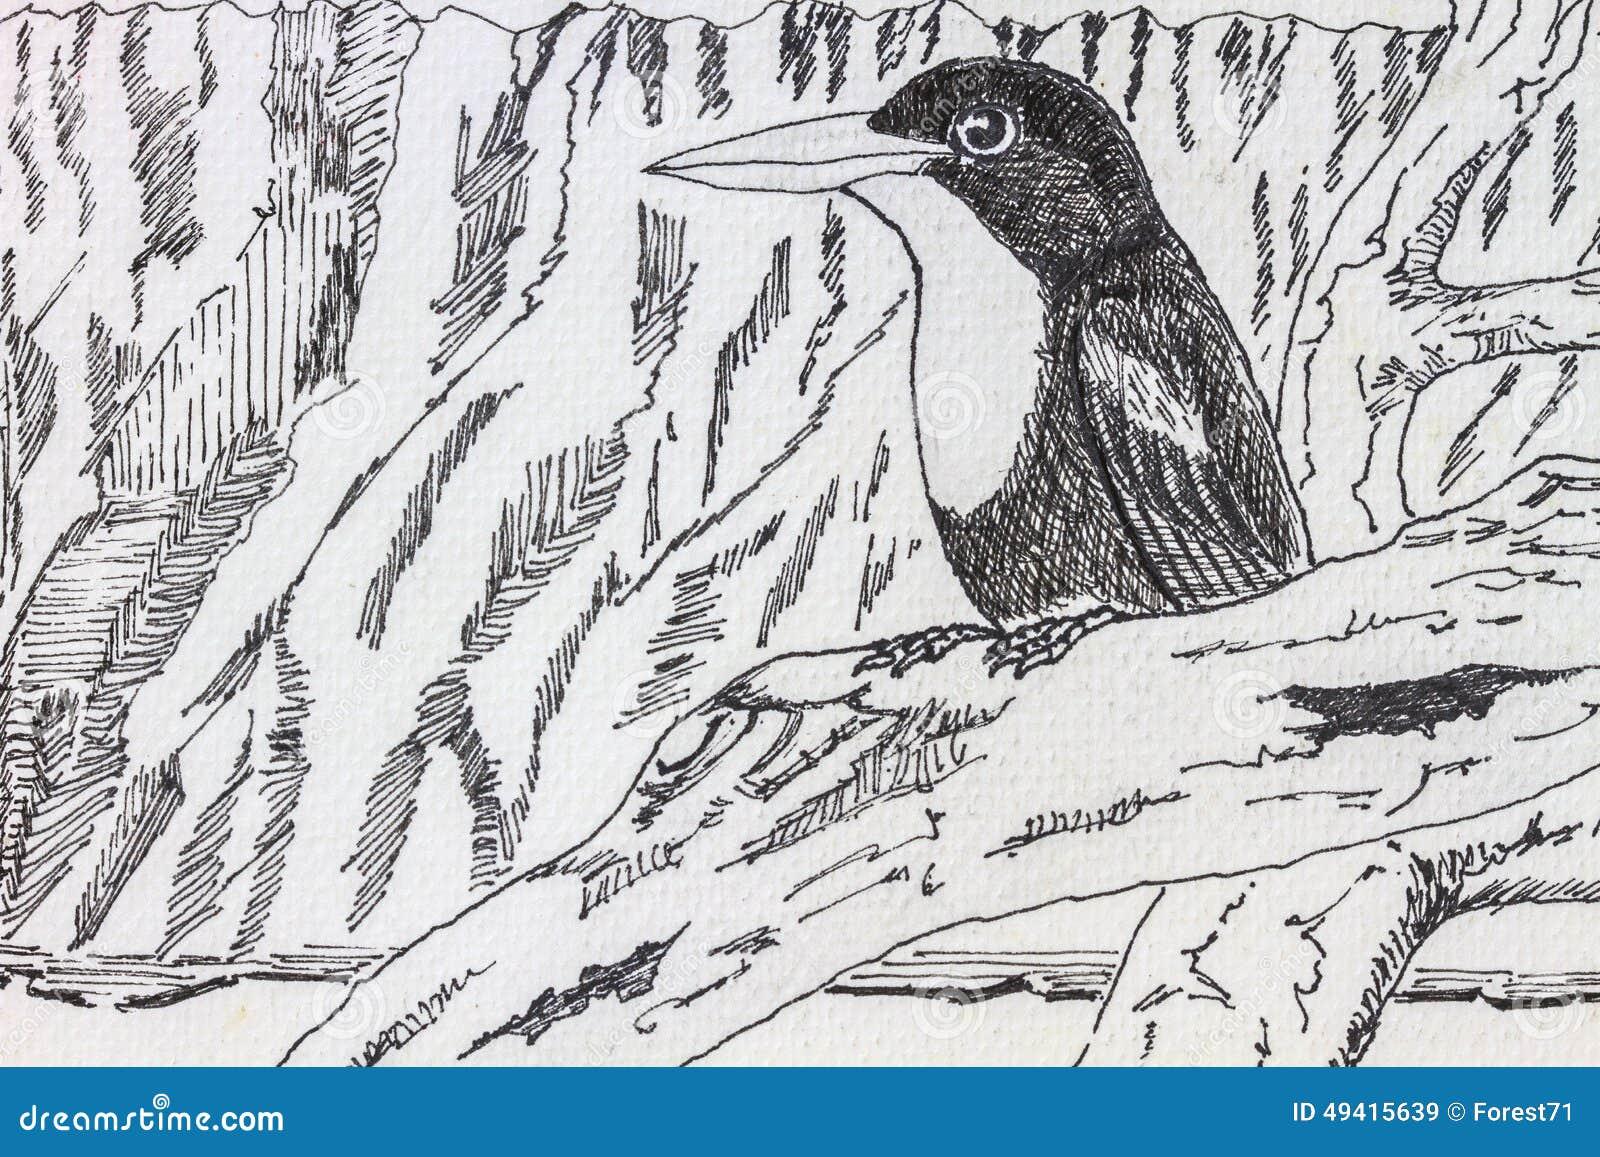 Download Vogelzeichnung stockbild. Bild von hintergrund, getrennt - 49415639